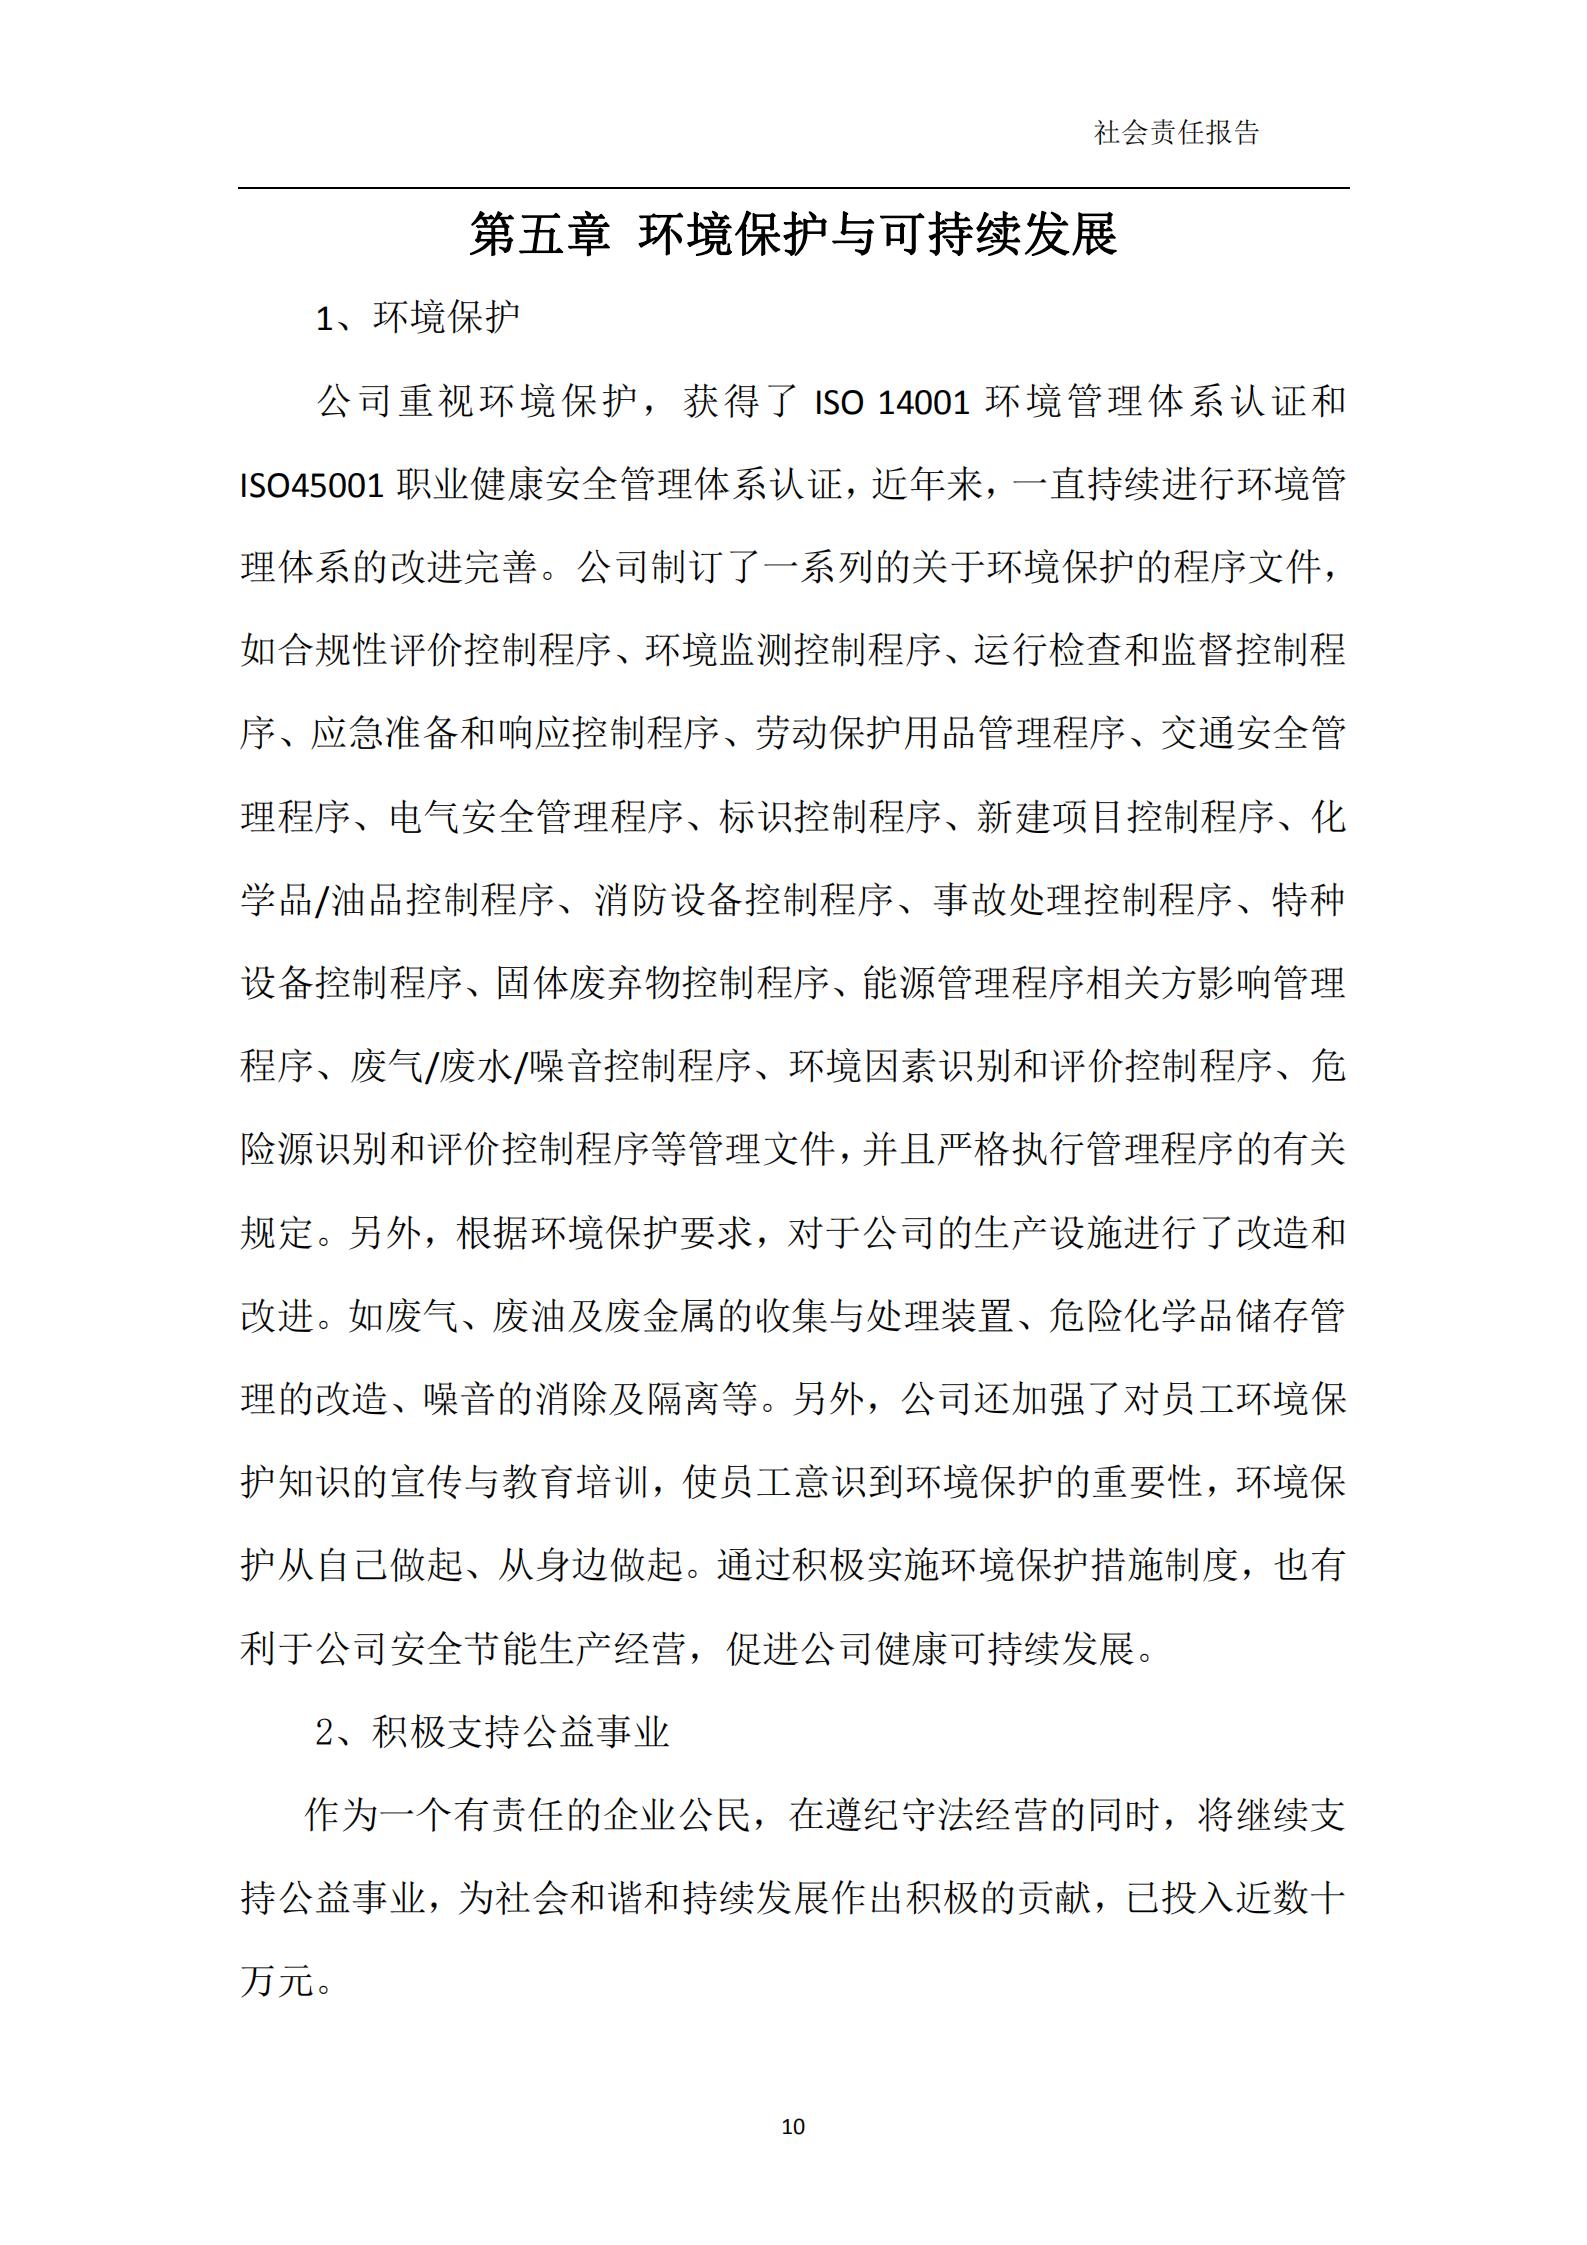 浙江新诚减速机科技有限公司-社会责任报告_09.png